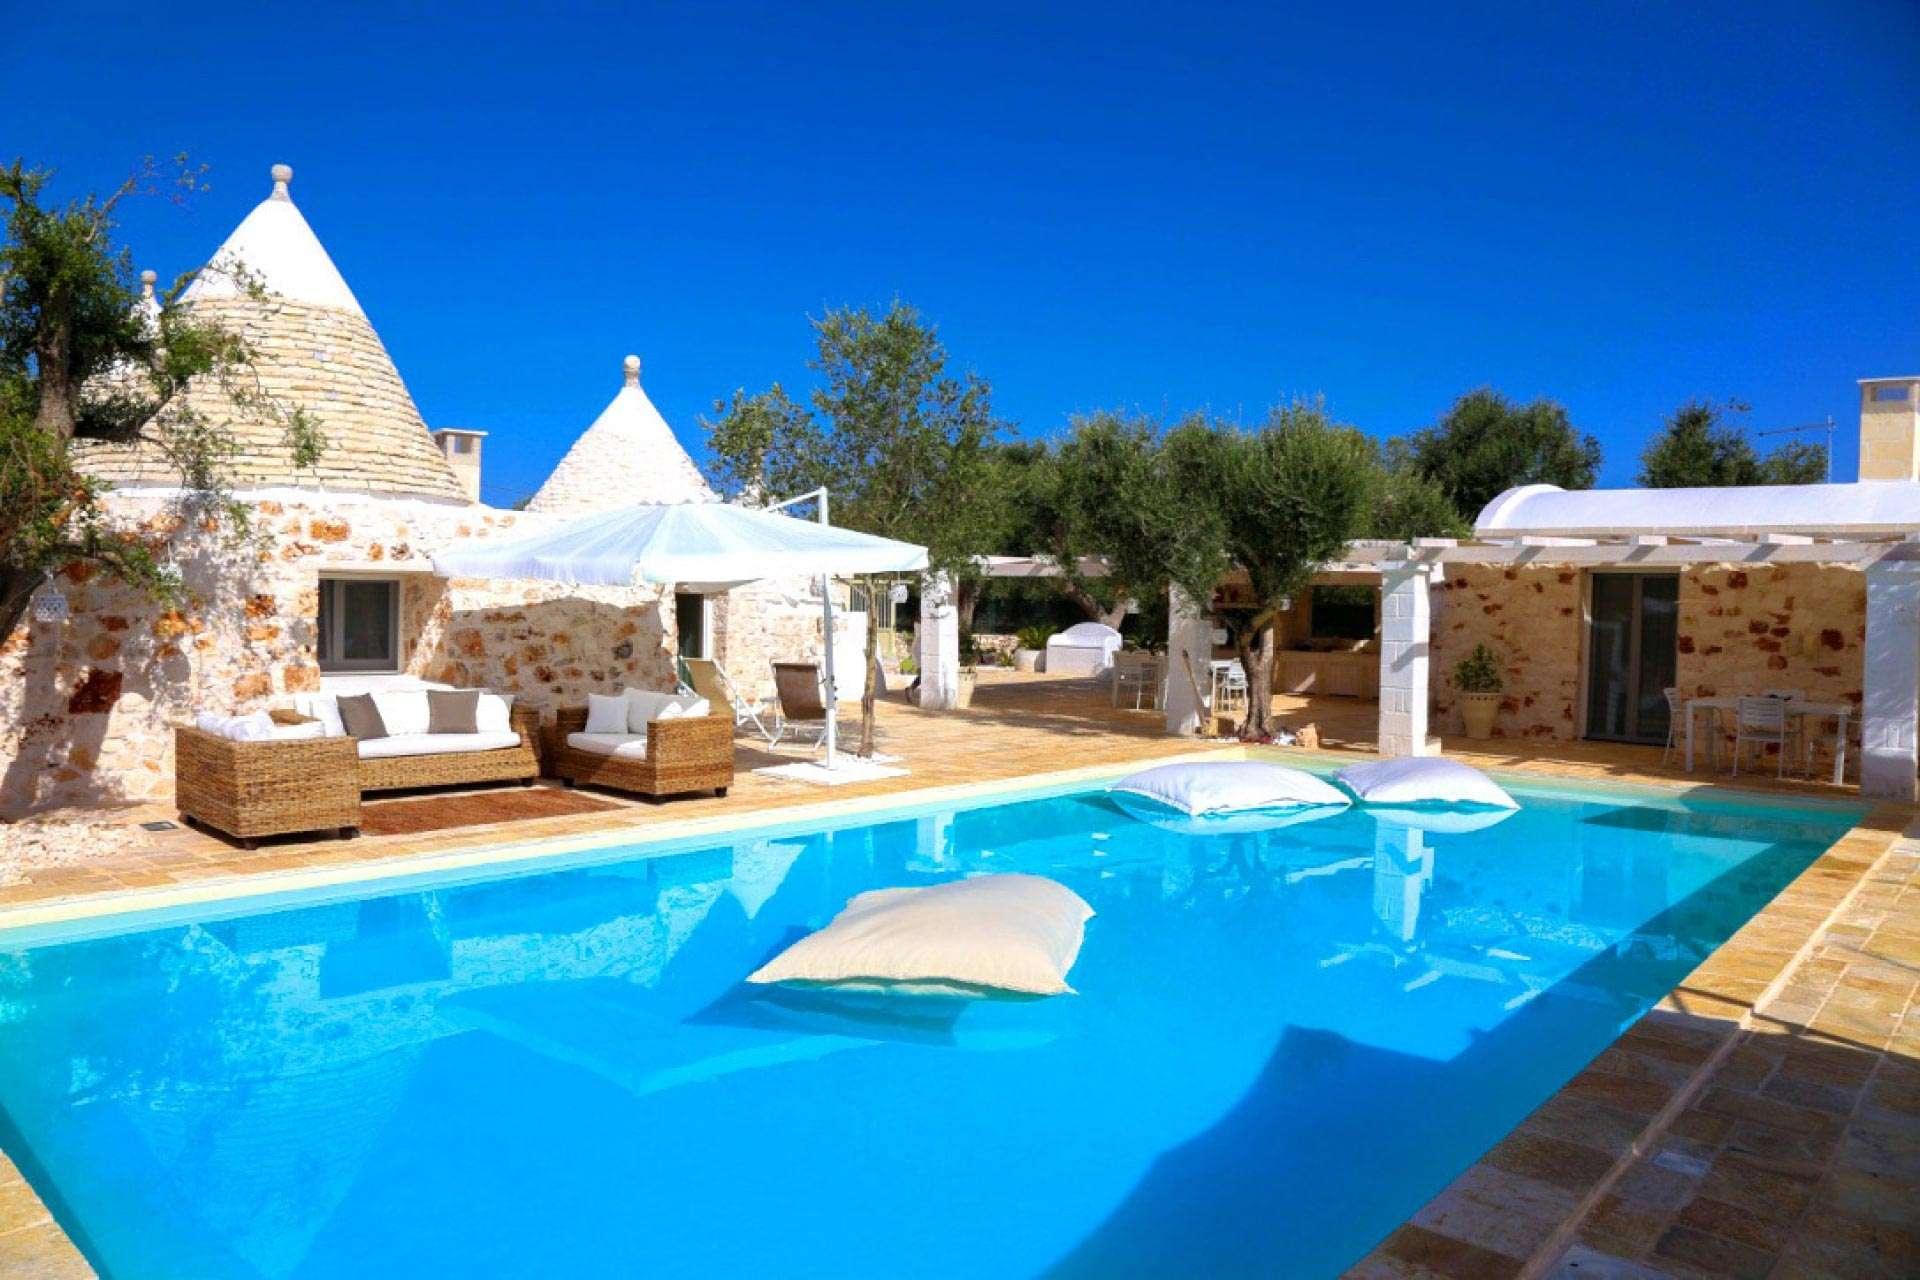 Ville affitto puglia piscina case vacanze salento for Case in affitto a brindisi arredate